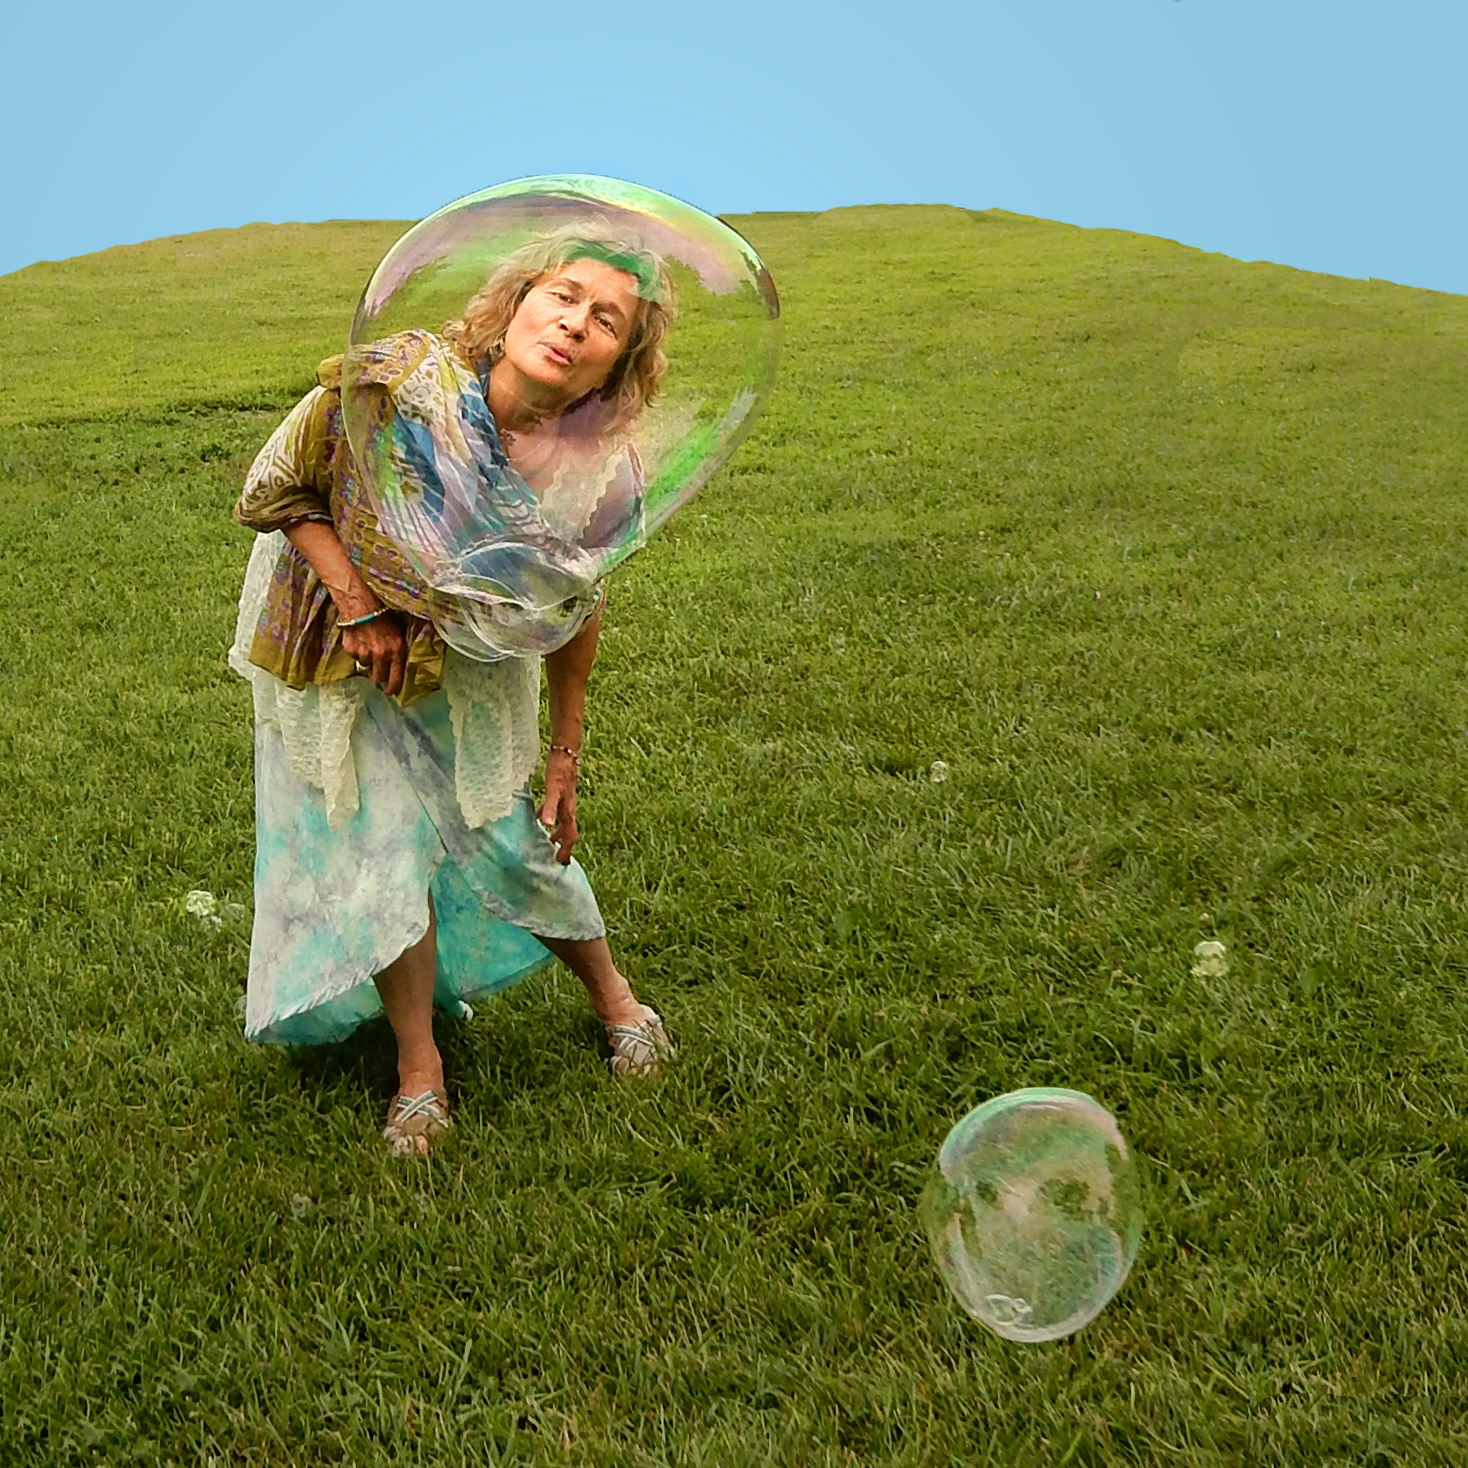 On the Hilltop-Kristen Camitta Zimet